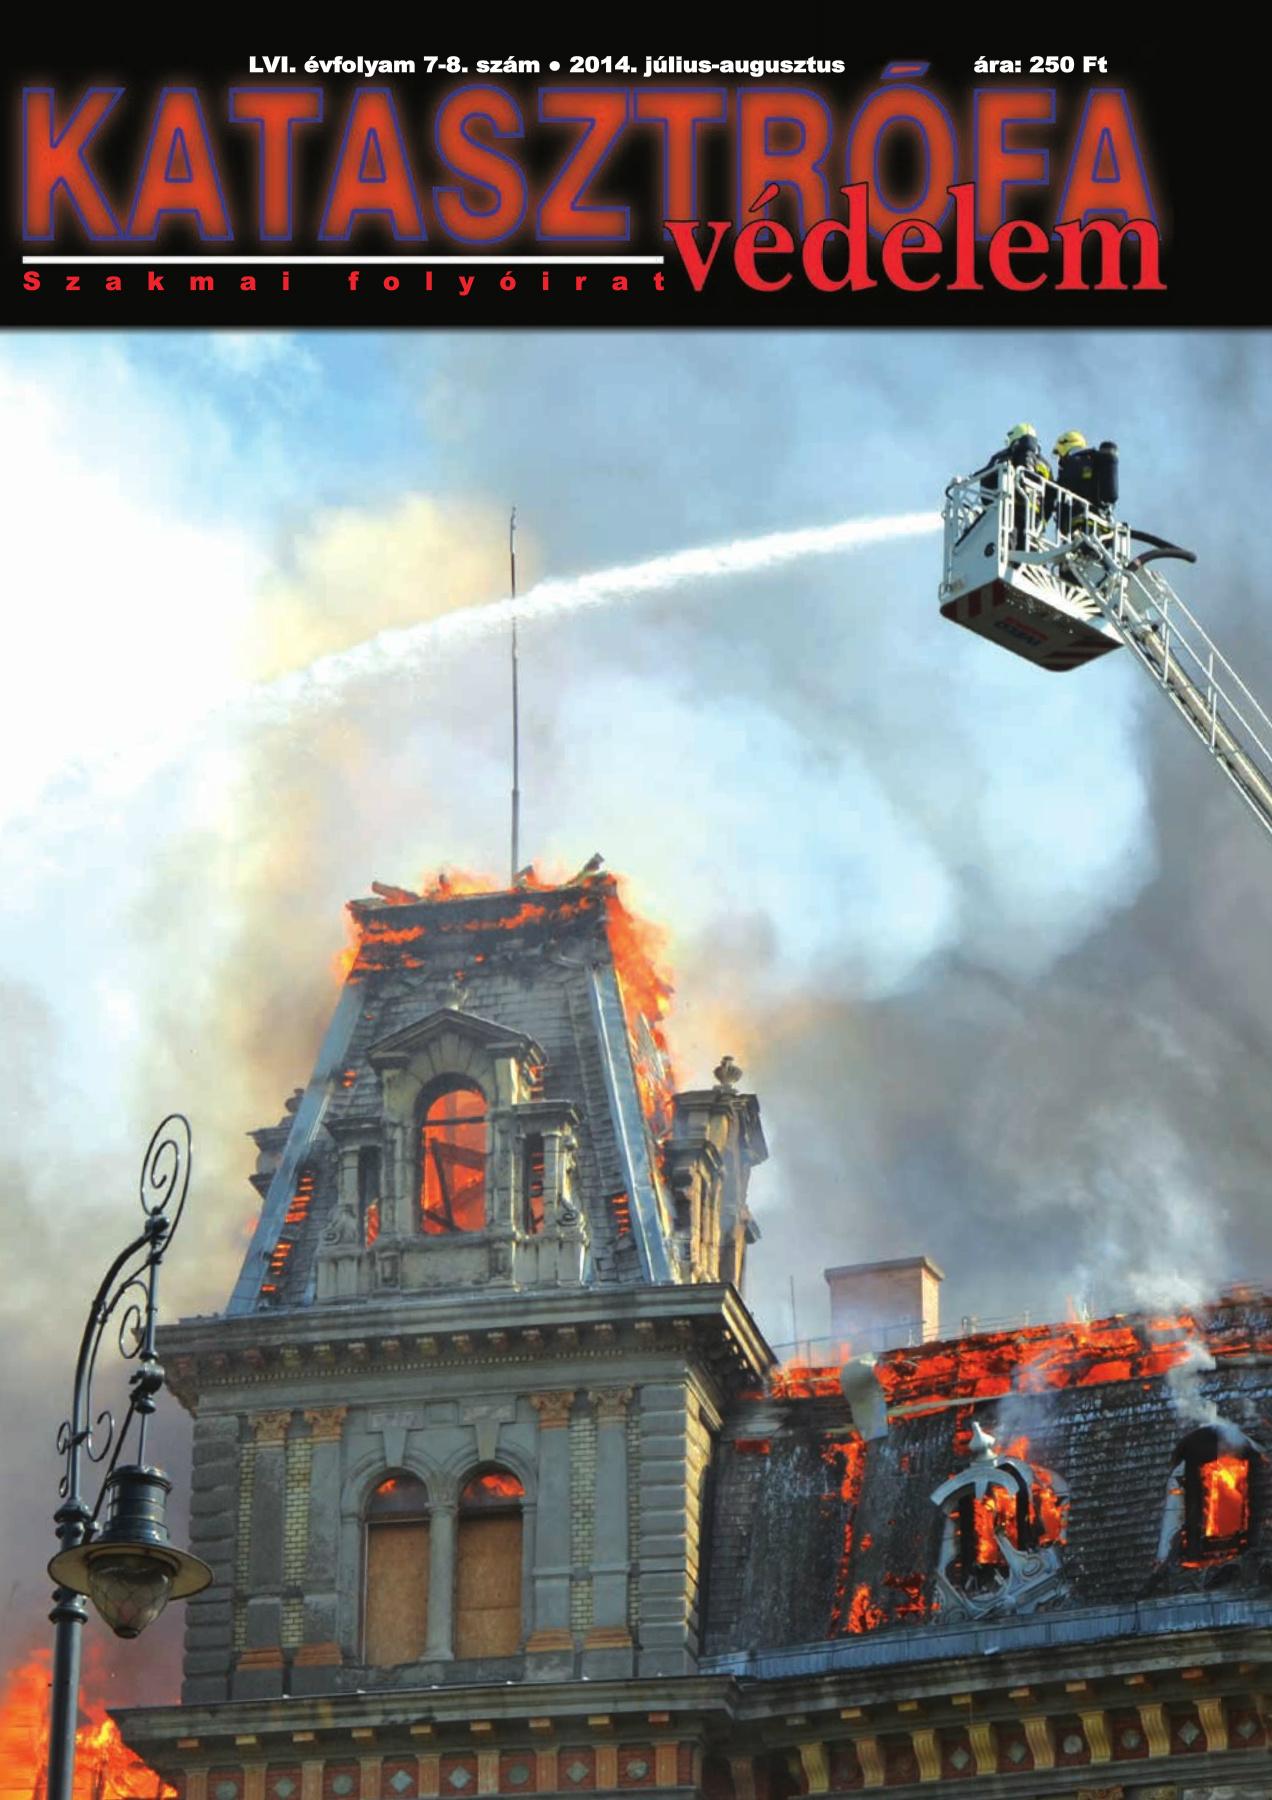 A Katasztrófavédelem magazin LVI. évfolyam 7-8. szám megtekintése